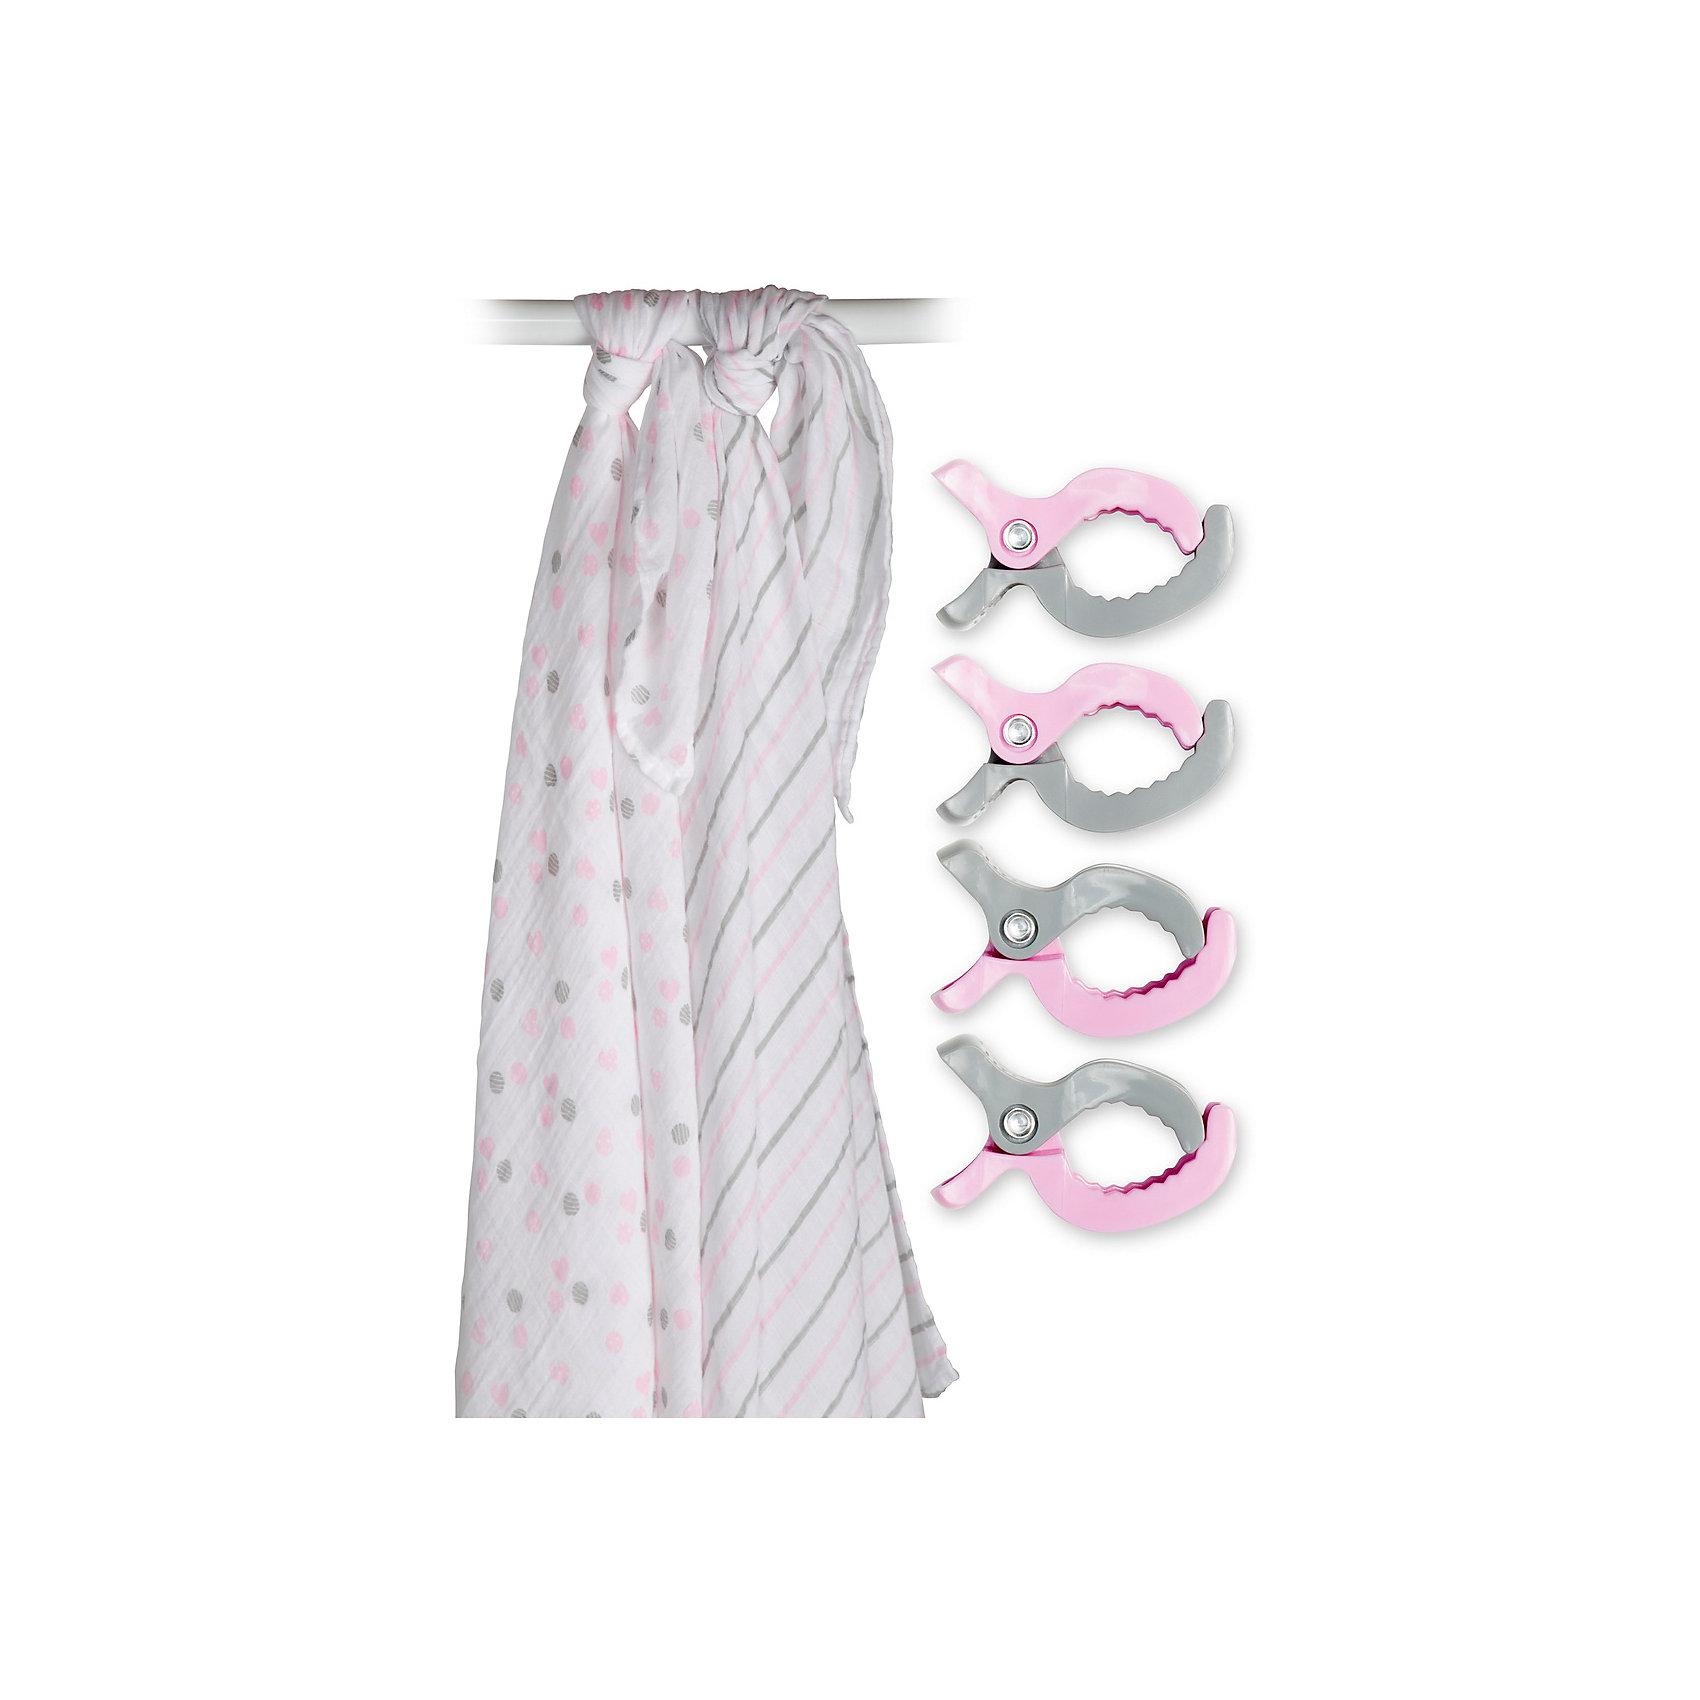 Муслиновая пелёнка 2 шт. с клипсами 4 шт., 120х120, Lulujo, розовыйВсе для пеленания<br>Муслиновая пелёнка 2 шт. с клипсами 4 шт., 120х120, Lulujo, розовый - это набор из двух двухслойных мягких пеленок большого размера, предназначенных как для пеленания, так и покрывала или использования в виде обычных простыней. Четыре зажима, совпадающих с пеленками по цвету позволяют вешать пеленки на коляски, или в машине, защищая малыша от ярких солнечных лучей. Приятные рисунки розового и серого цветов помогут создать атмосферу уюта, а хлопковый муслин обеспечит малышу комфорт и тепло, материал отлично пропускает воздух, с этой тканью кожа ребенка дышит.<br>Дополнительная информация:<br><br>- В комплект входит: 2 пеленки, 4 зажима<br>- Тип ткани: Муслин<br>- Состав: 100% хлопок, пластик<br>- Размер: 120 * 120 см. <br>- Cтирка: машинная, 40 градусов<br><br>Муслиновые пелёнки 2 шт. с клипсами 4 шт., 120х120, Lulujo, розовый можно купить в нашем интернет-магазине.<br>Подробнее:<br>• Для детей в возрасте: от 0 лет<br>• Номер товара: 4976073<br>Страна производитель: Турция<br><br>Ширина мм: 270<br>Глубина мм: 60<br>Высота мм: 270<br>Вес г: 536<br>Возраст от месяцев: 0<br>Возраст до месяцев: 36<br>Пол: Унисекс<br>Возраст: Детский<br>SKU: 4976073